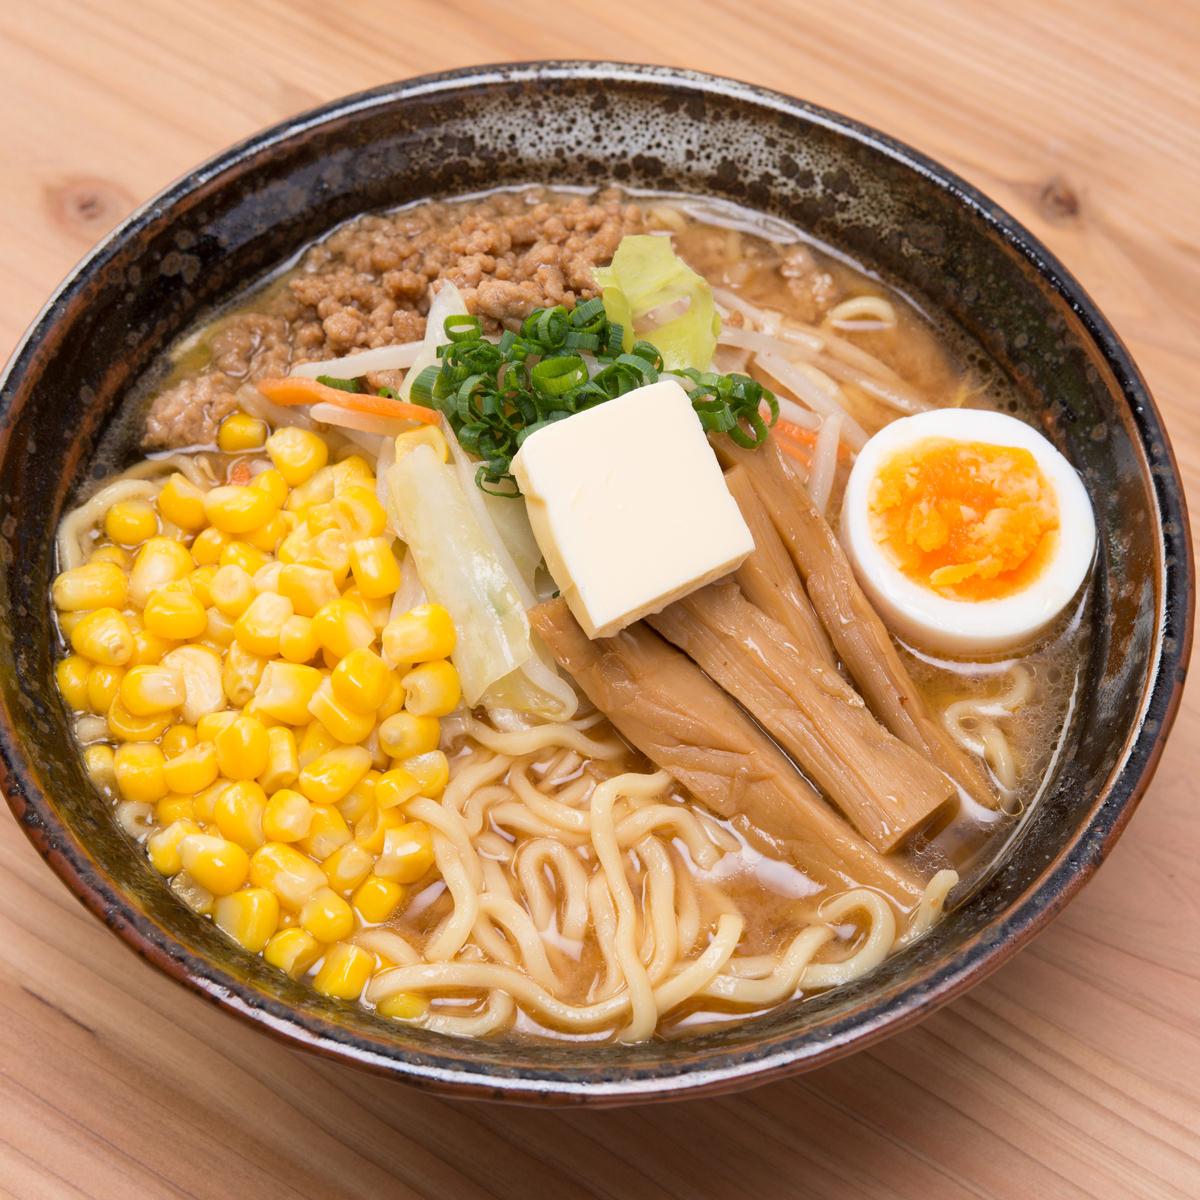 厳選した小麦粉(一等粉)100% 北海道らーめん 2種4食〔生麺120g×4 スープ(醤油・味噌)×各2〕